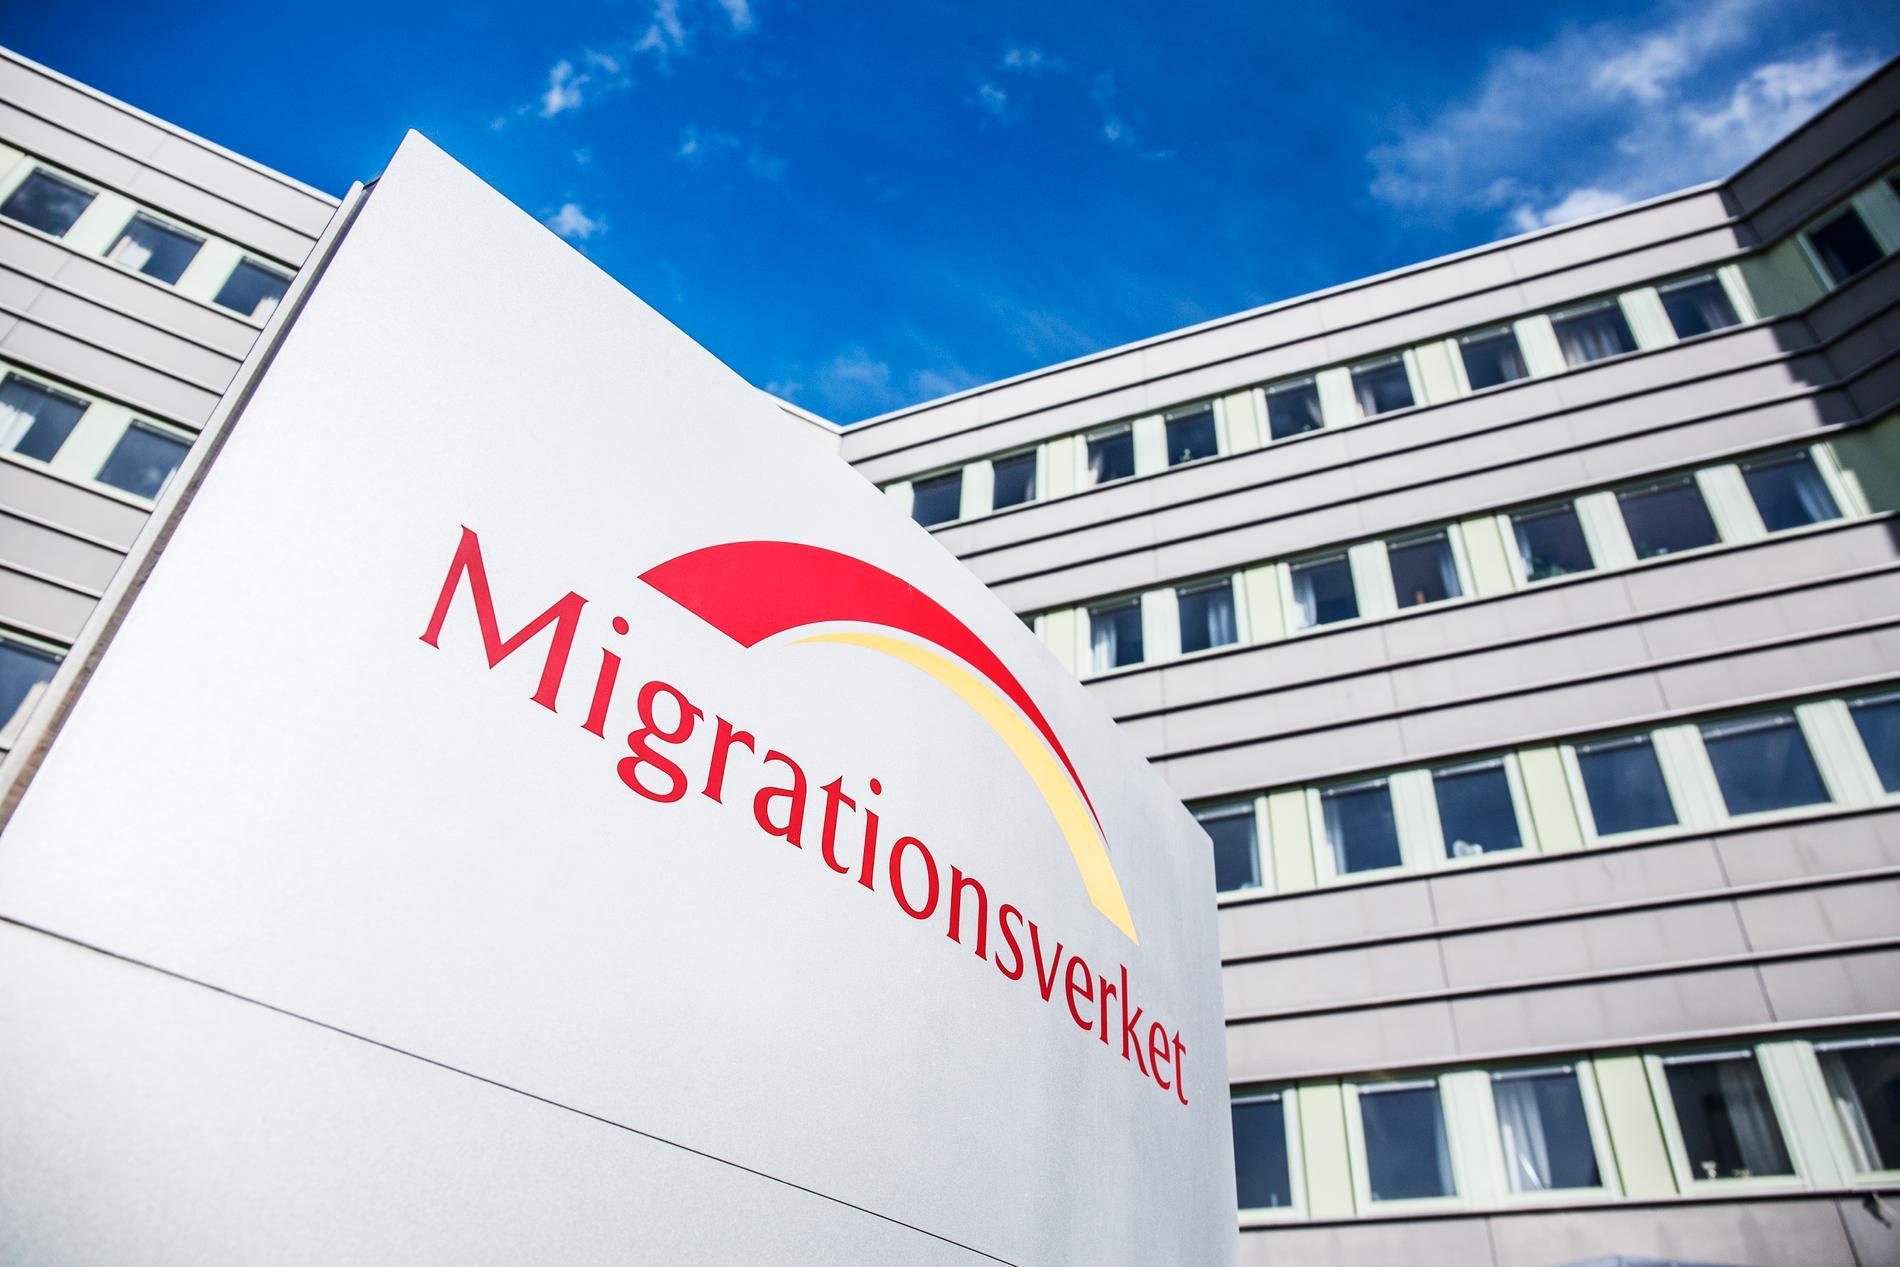 Migrationsverket kritiseras av hyresvärdar som inte har fått betalt för lägenheter. Arkivbild.